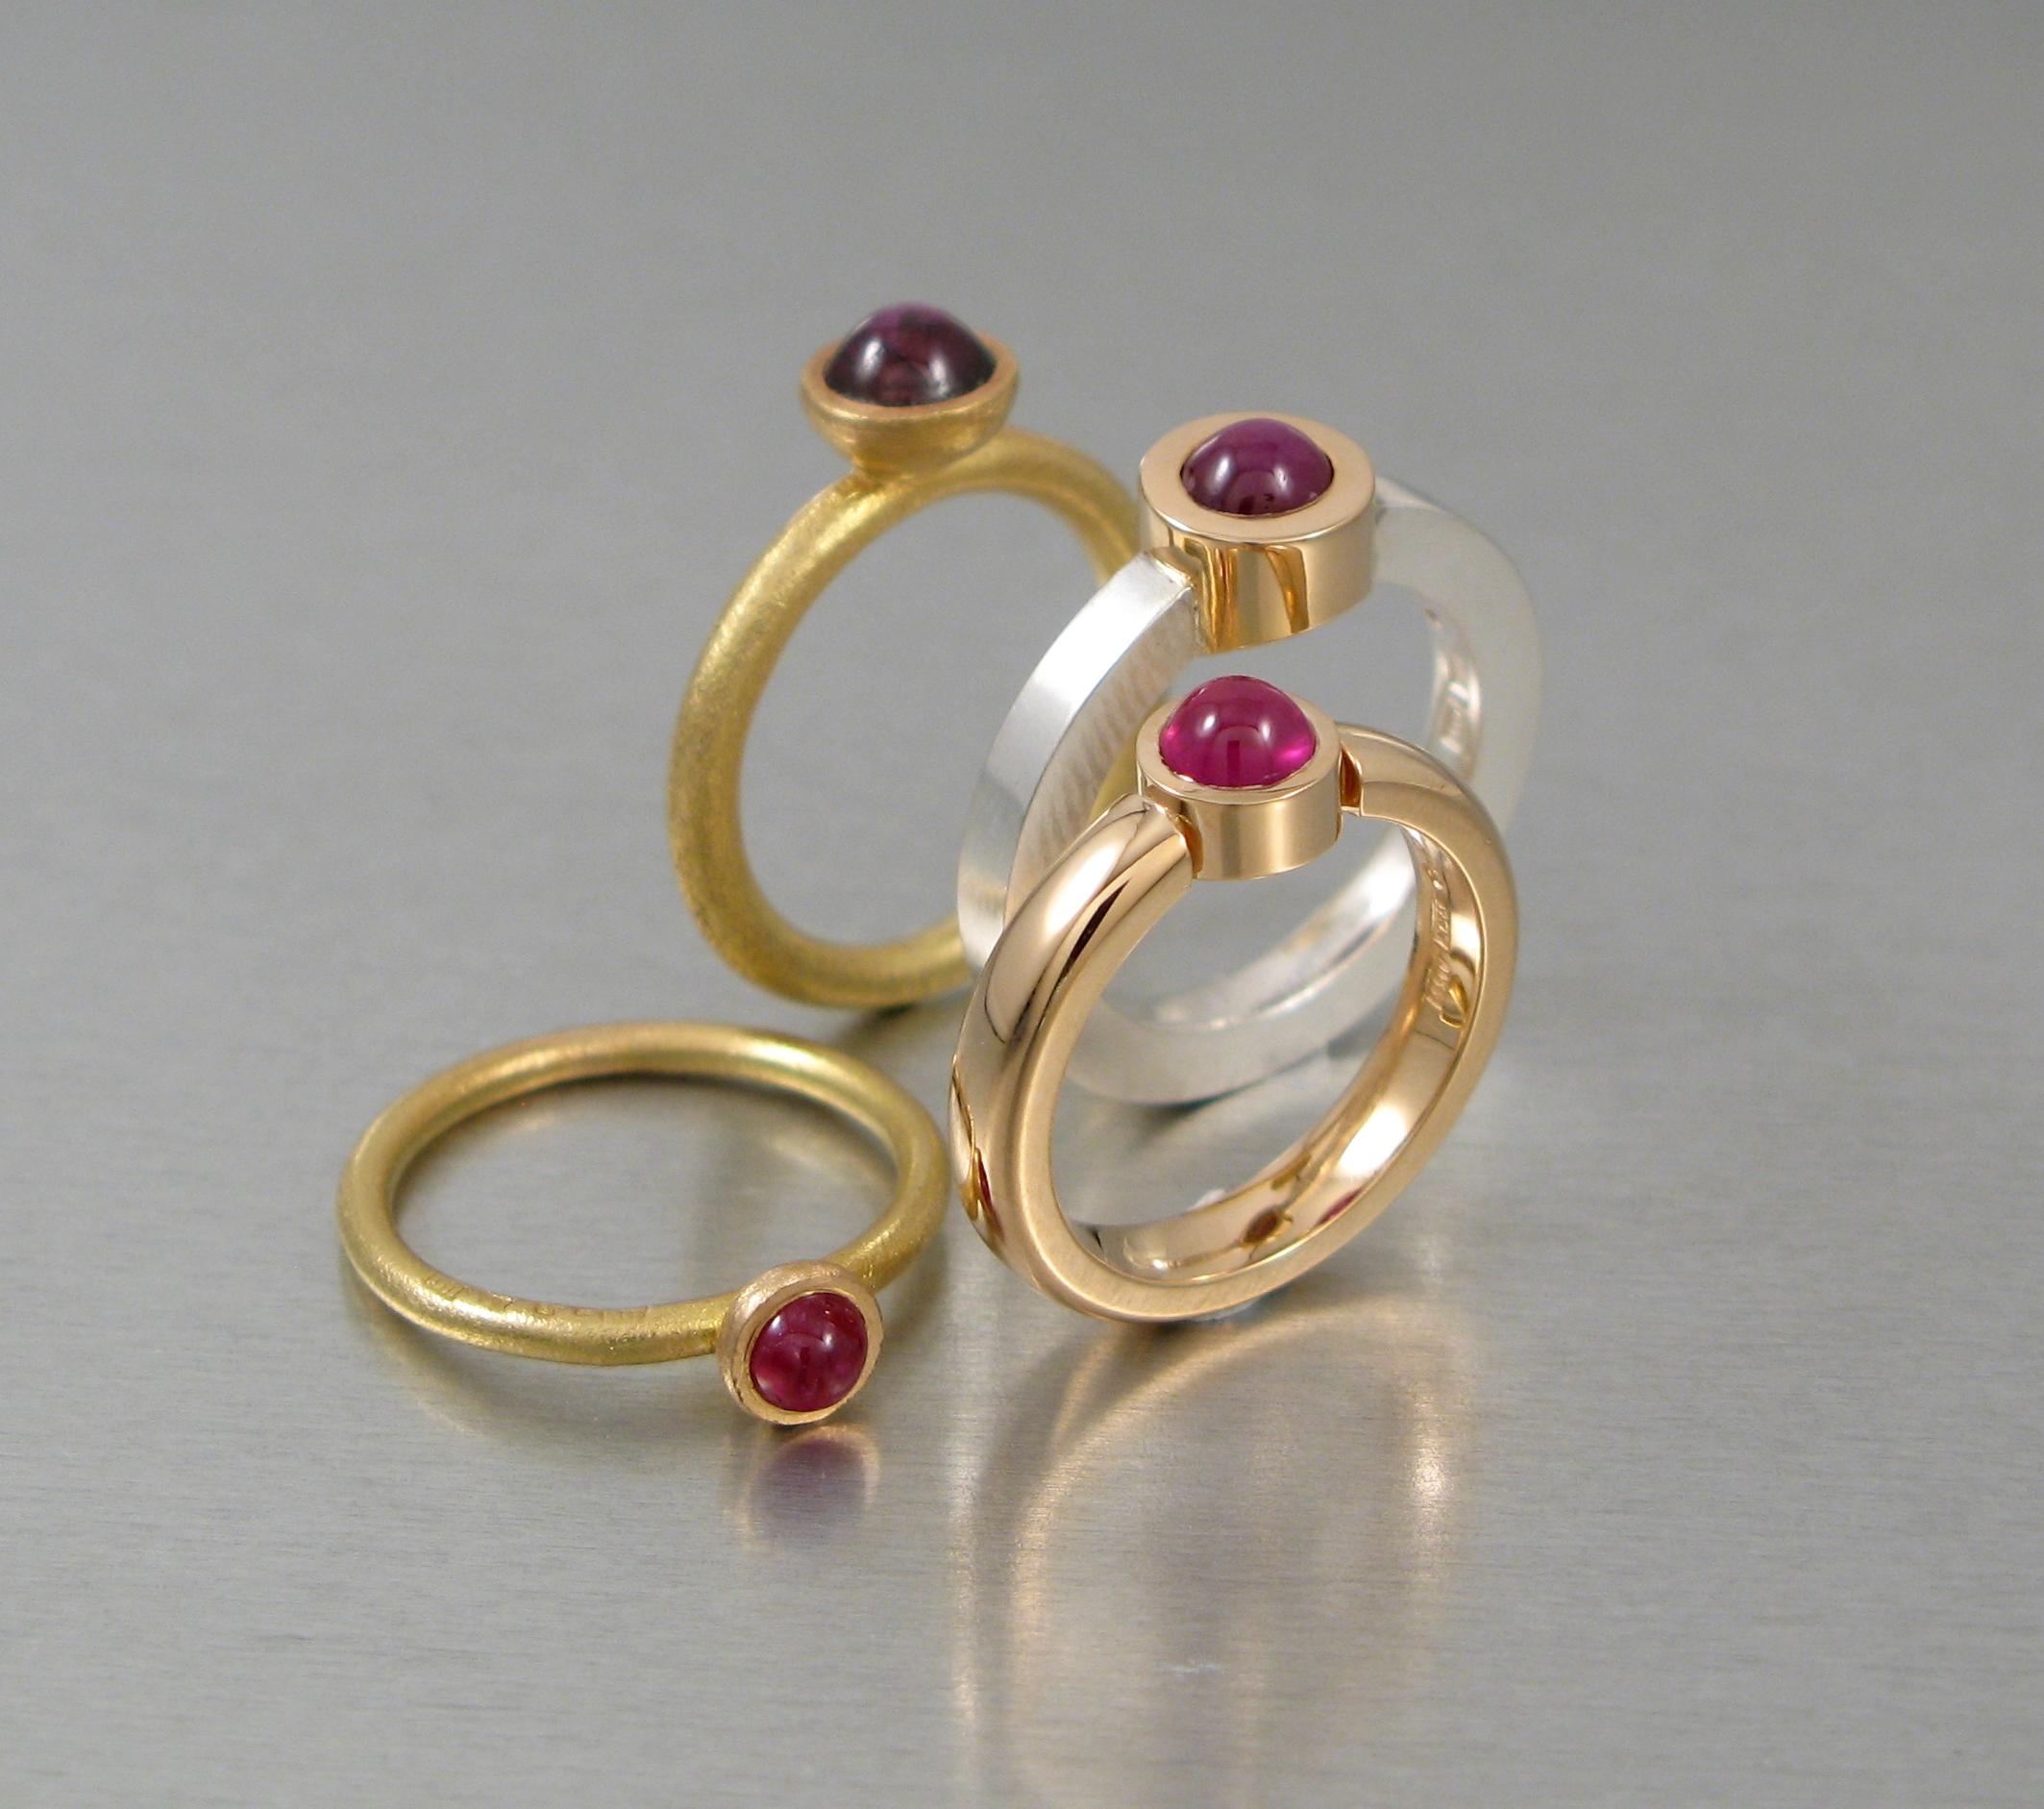 Ringar, silver, guld och rubiner.